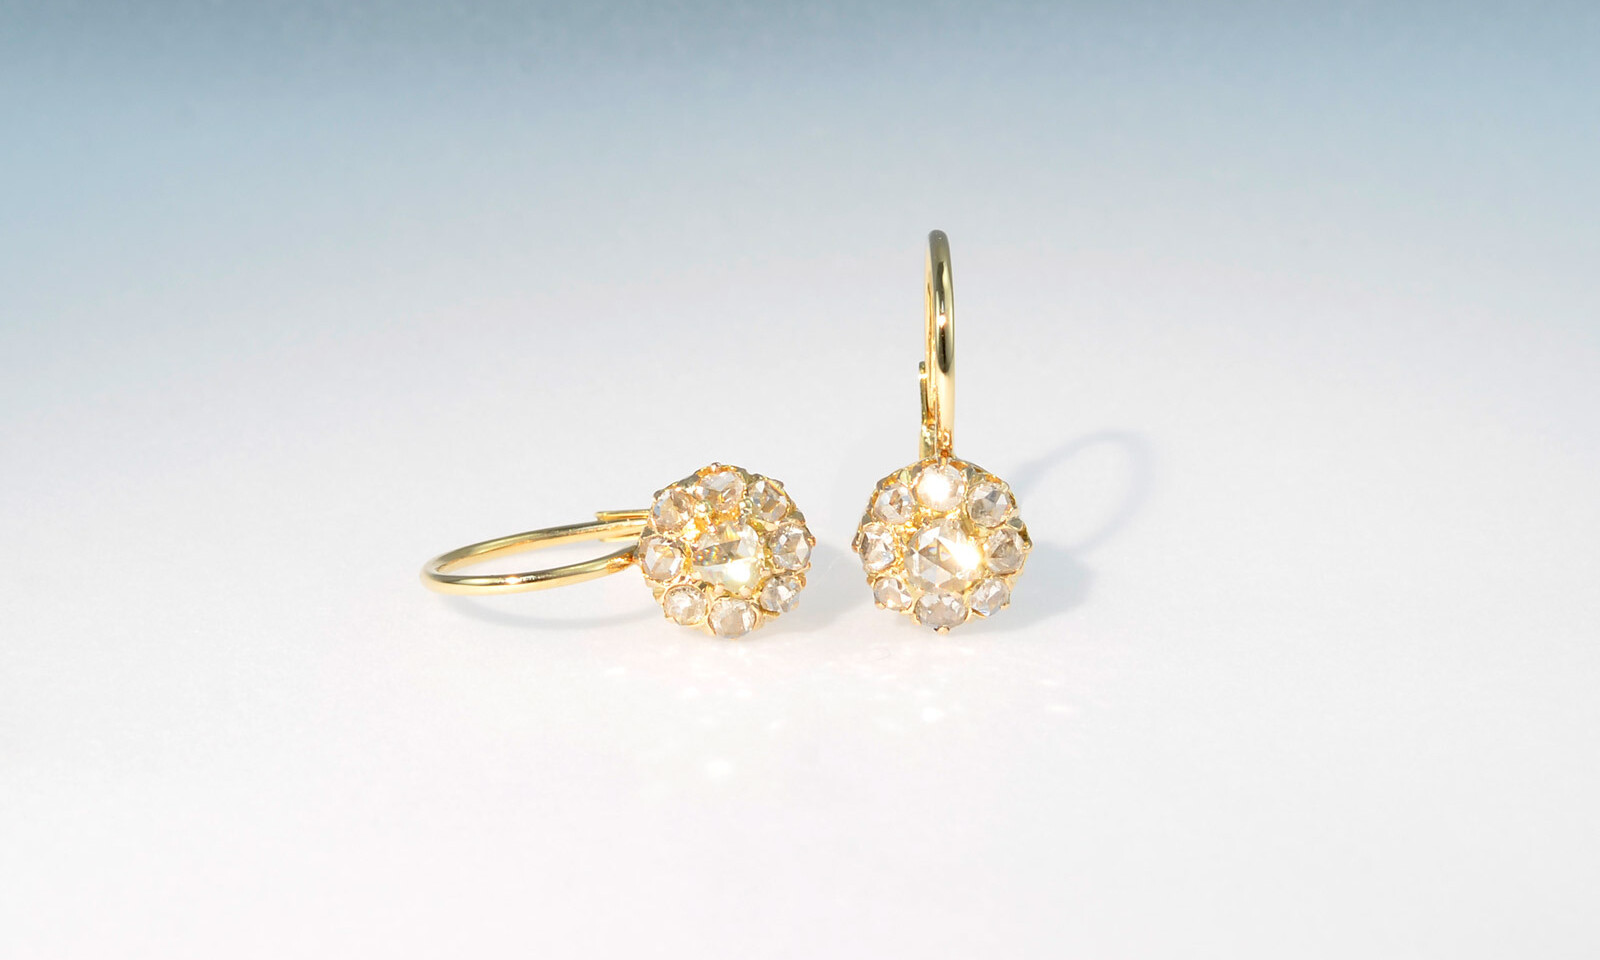 Ohrhaenger diamantrosen. Ohrhänger, um 1870, Gelbgold 750 mit 18 Diamanten im Rosenschliff total ca. 1.0 ct., Durchmesser 8 mm, CHF 2850.-